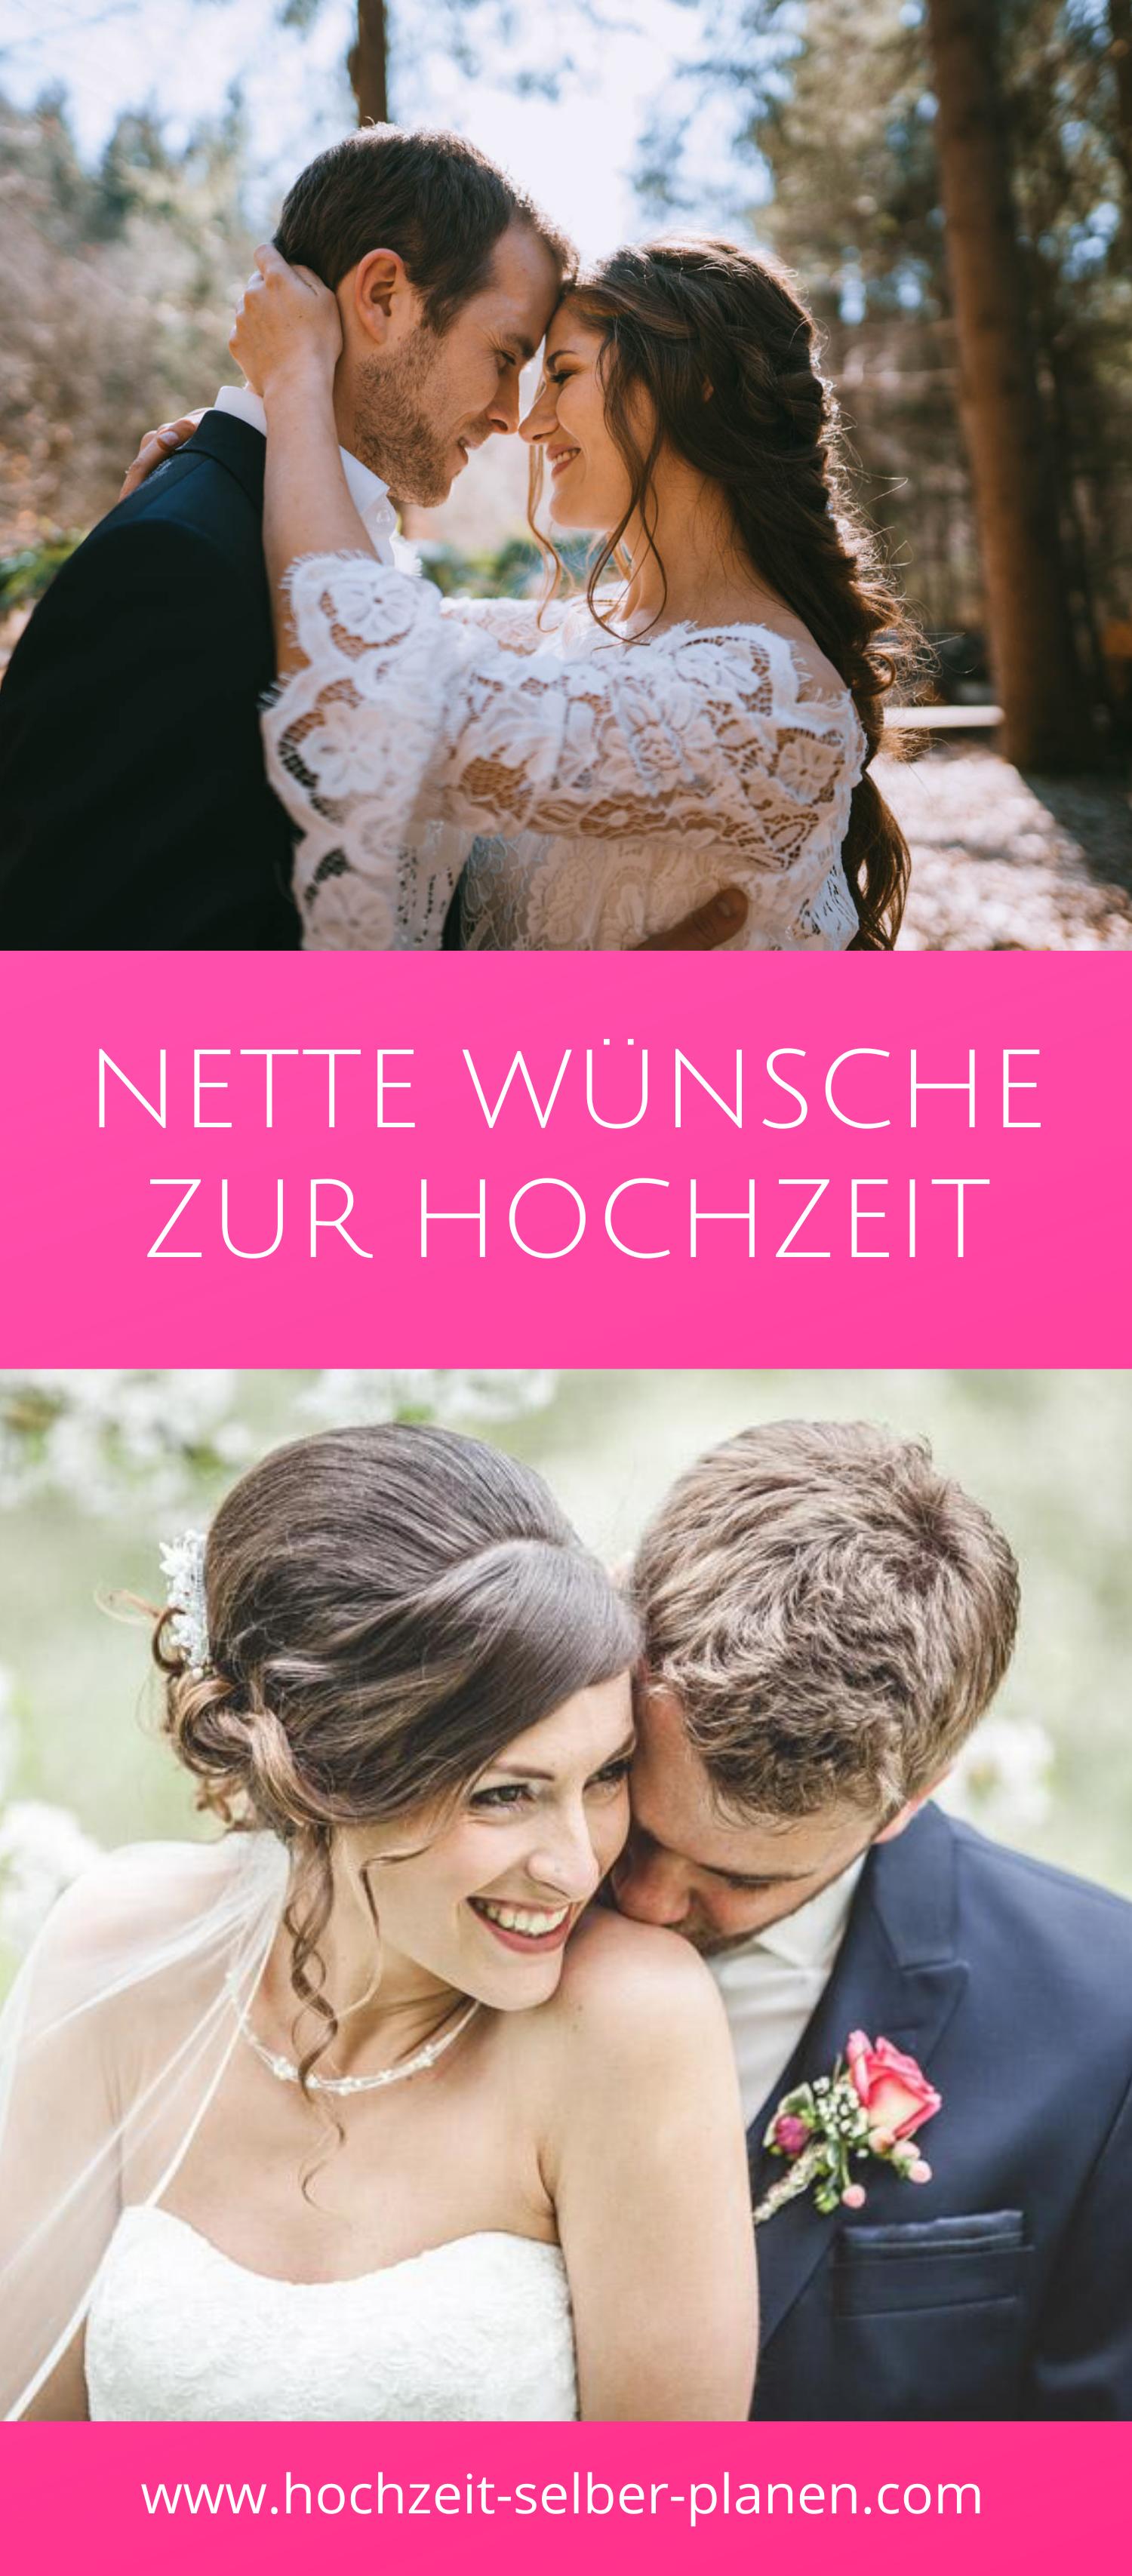 Nette Gluckwunsche Zur Hochzeit In 2020 Gluckwunsche Hochzeit Wunsche Zur Hochzeit Hochzeitswunsche